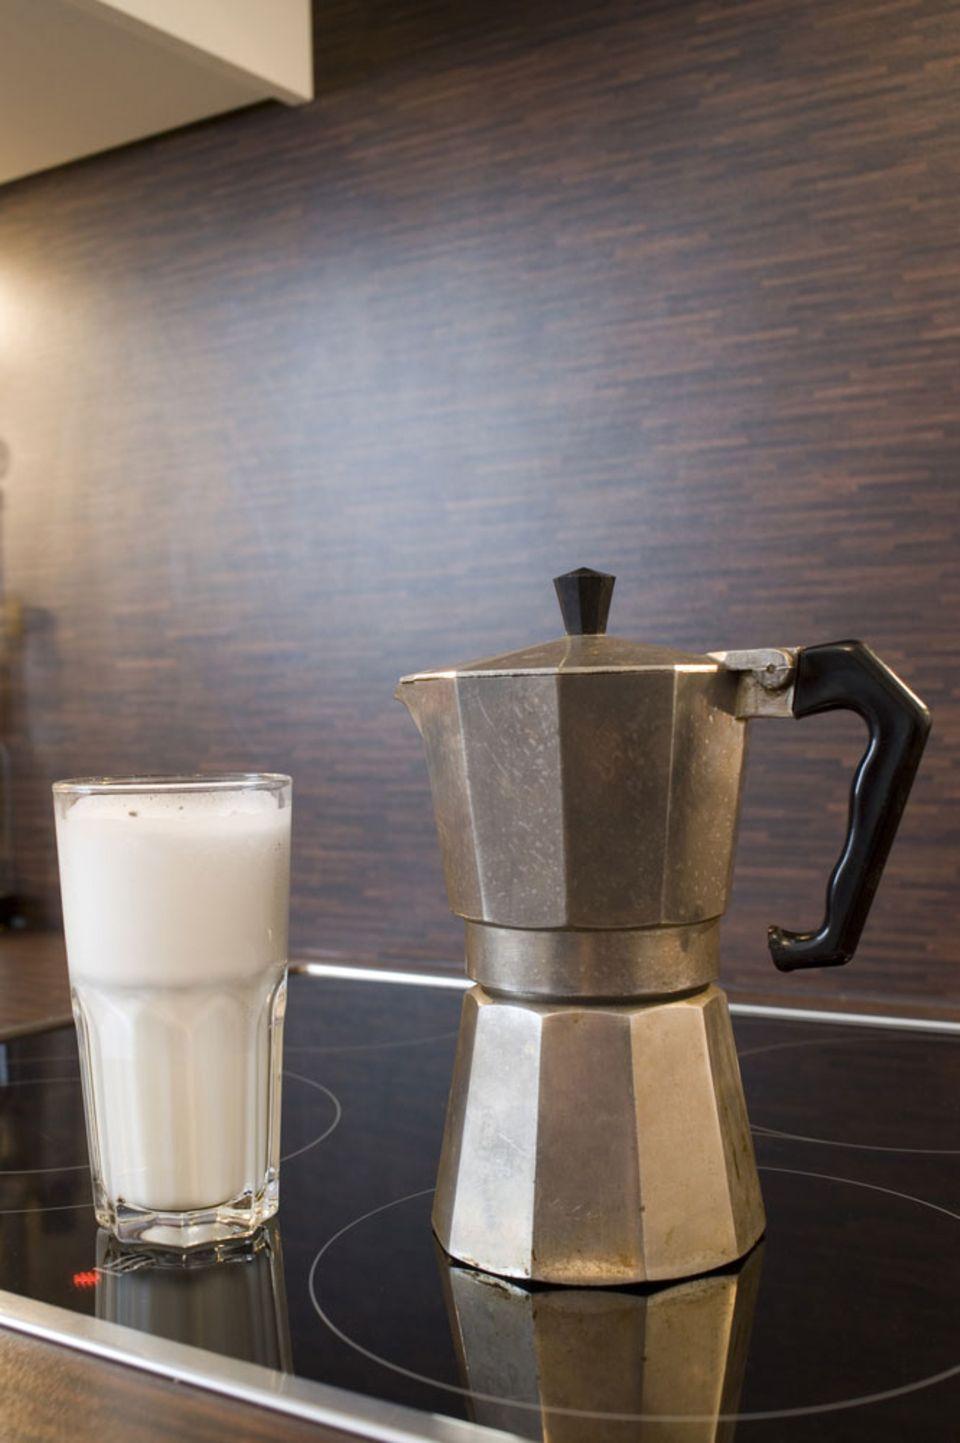 Mit einem Espressokocher lässt sich schnell Espresso zubereiten